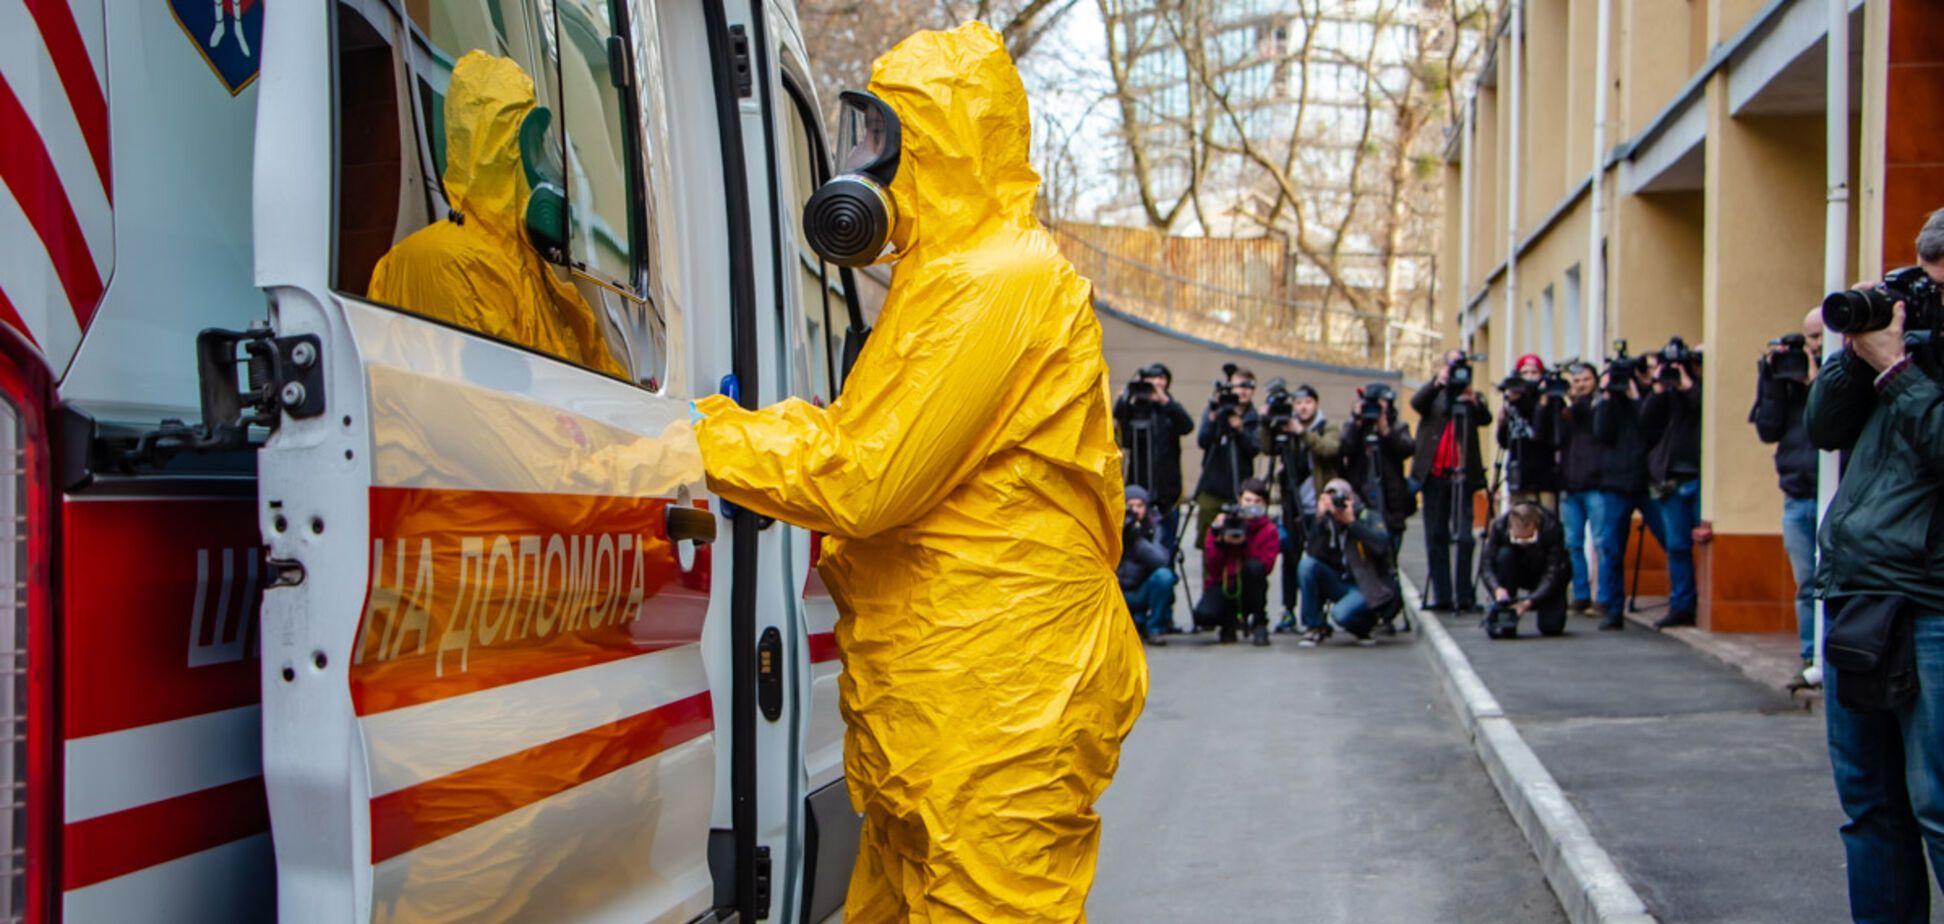 Повернулися з Франції: з'явилися подробиці про заражених коронавірусом у Дніпрі